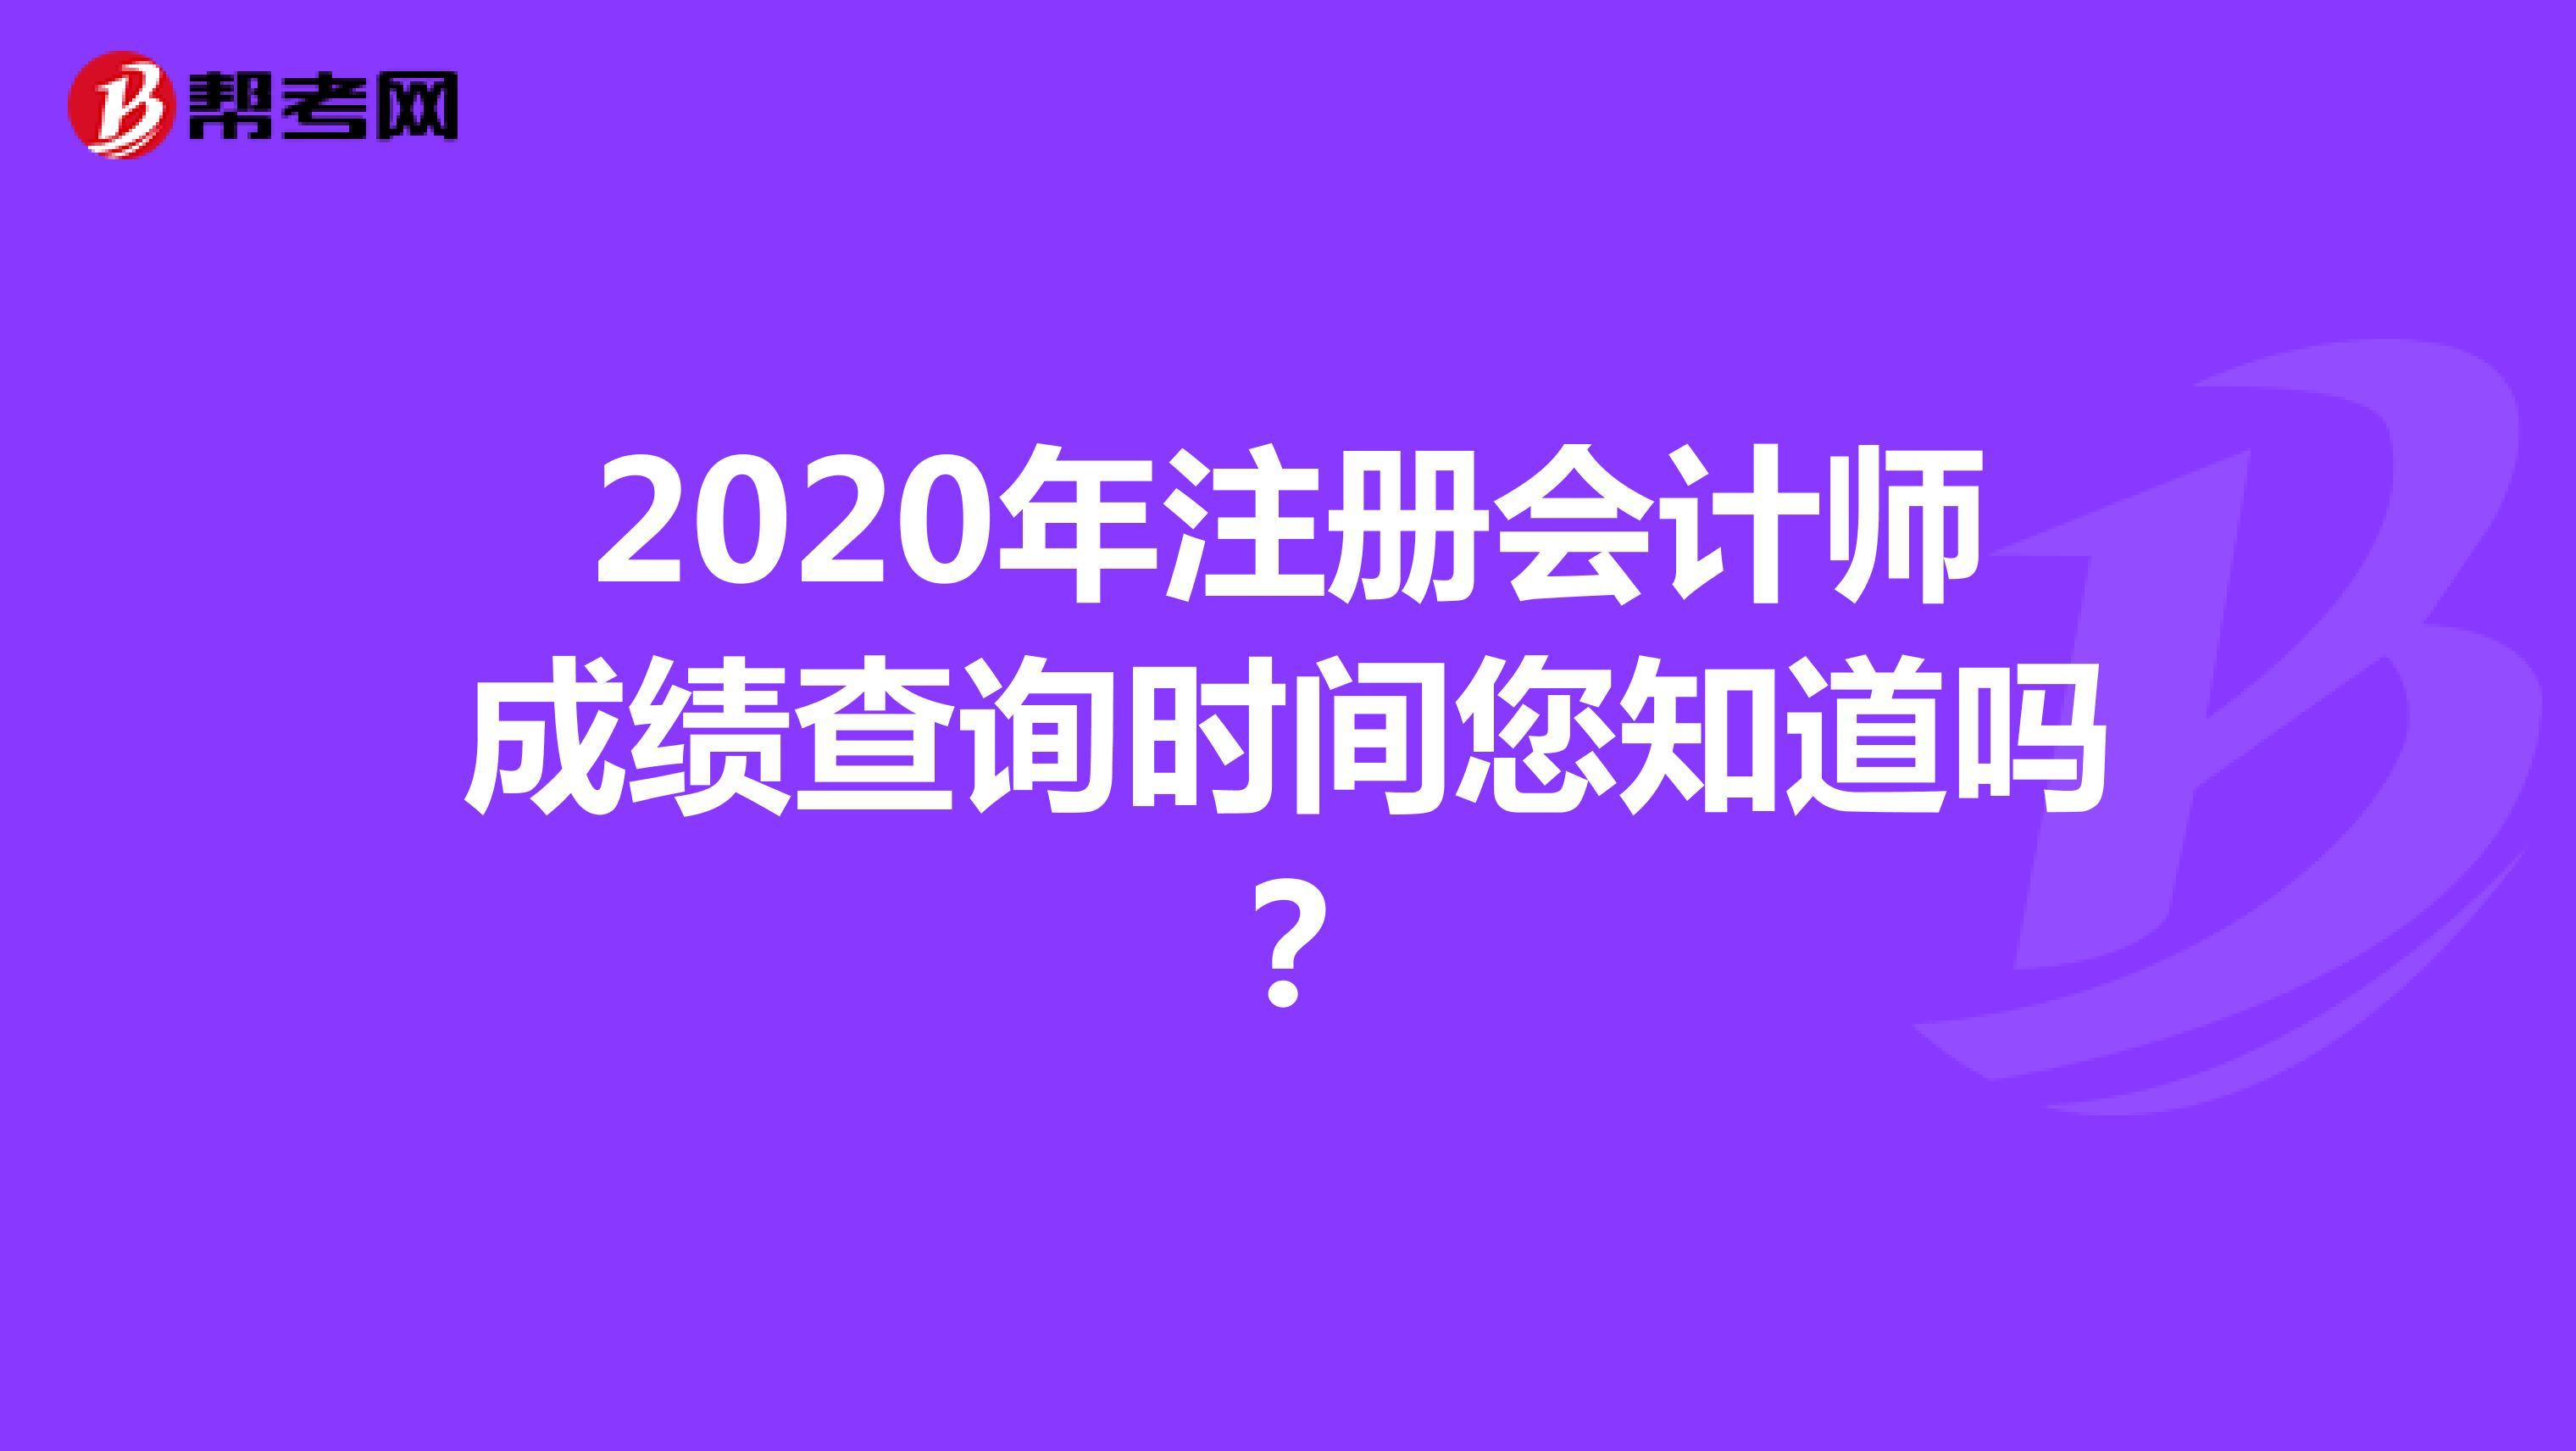 2020年【hot88热竞技提款】注册会计师成绩查询时间您知道吗?